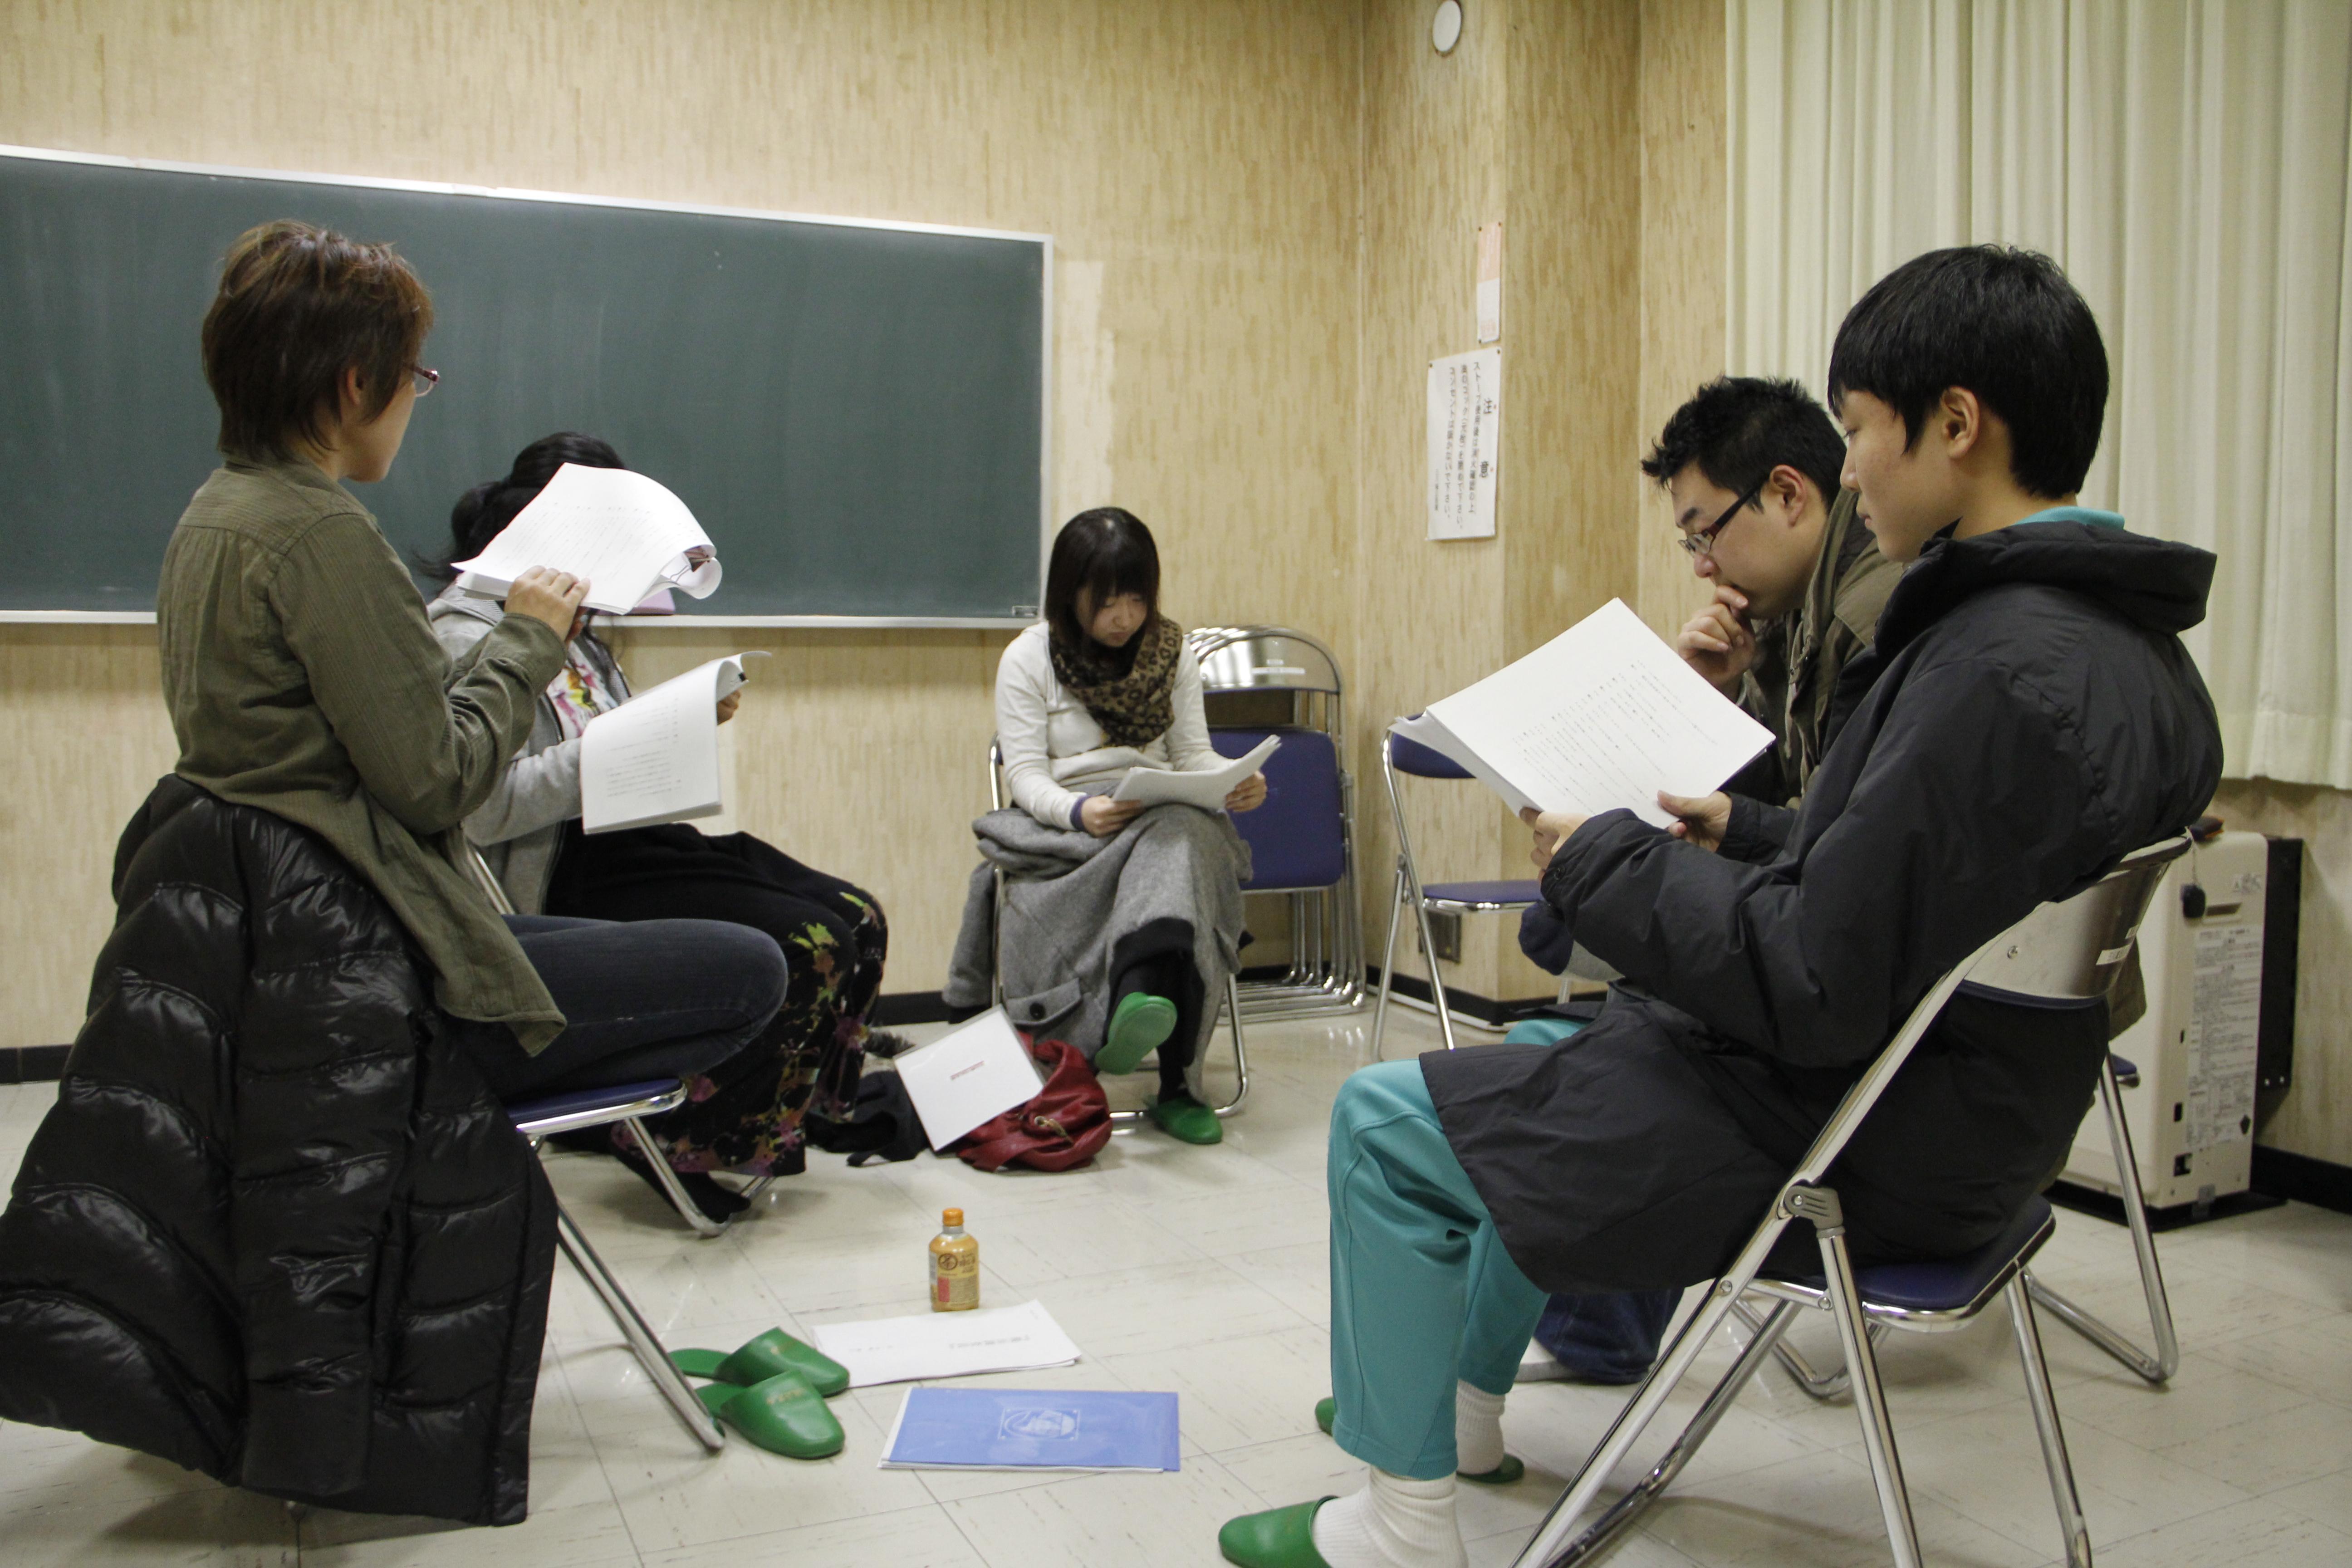 http://hacchi.jp/blog/upload/images/20140222_03.JPG